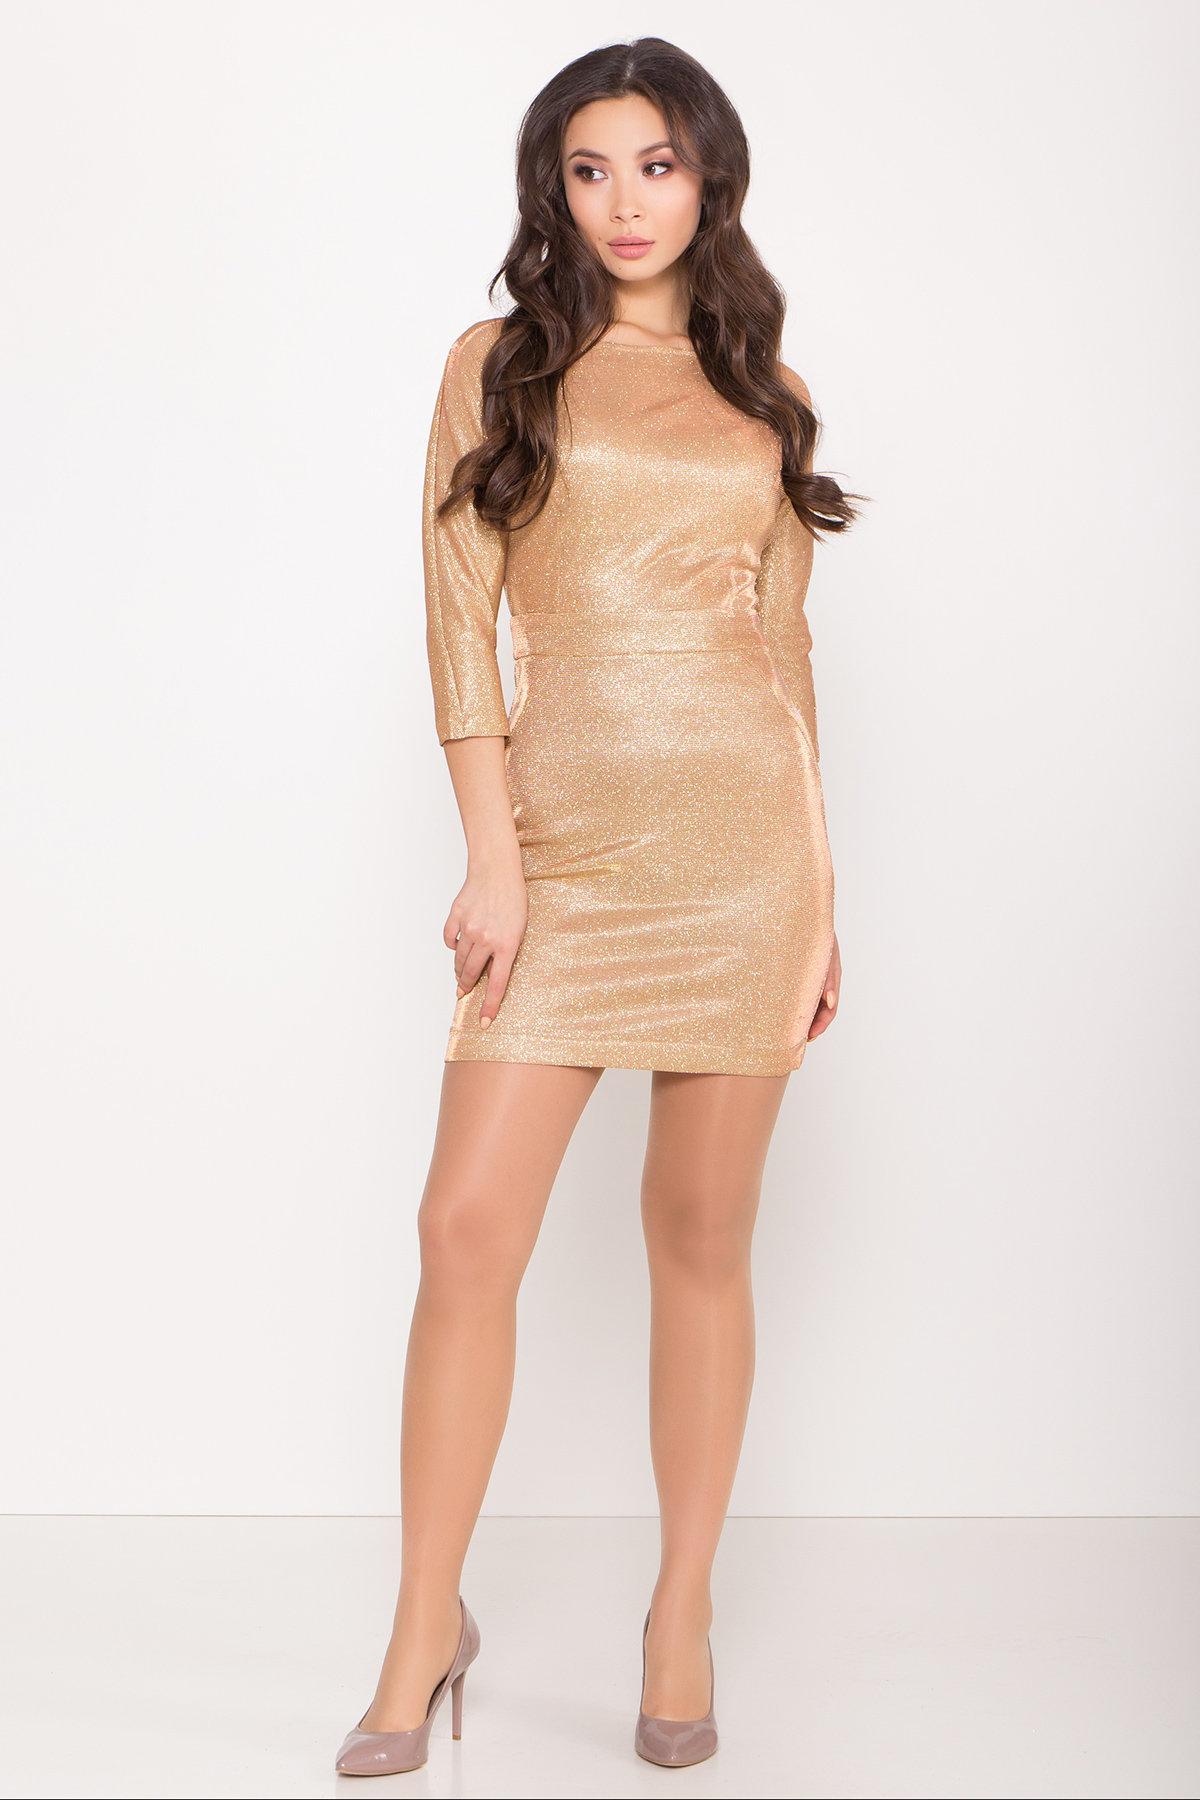 Платье-хамелеон из трикотажа с люрексом Инглот 8428 АРТ. 45008 Цвет: Золото/розовый - фото 1, интернет магазин tm-modus.ru